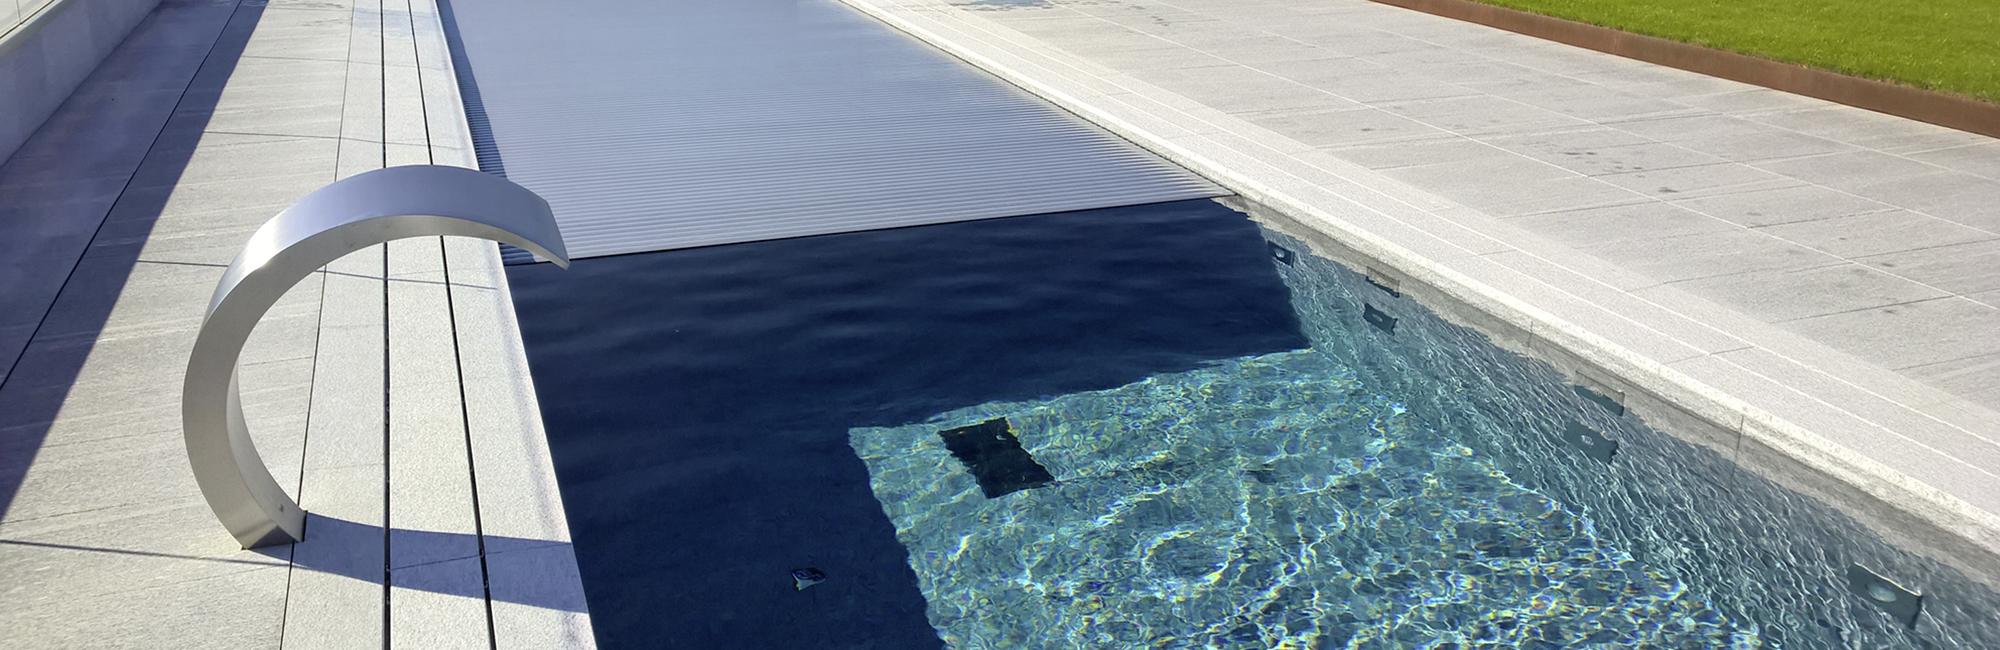 pool mit rollladenabdeckung in silber bis zur poolhälfte geschlossen; links eine schwalldusche in chromoptik, steinplatten hell als bodenbelag